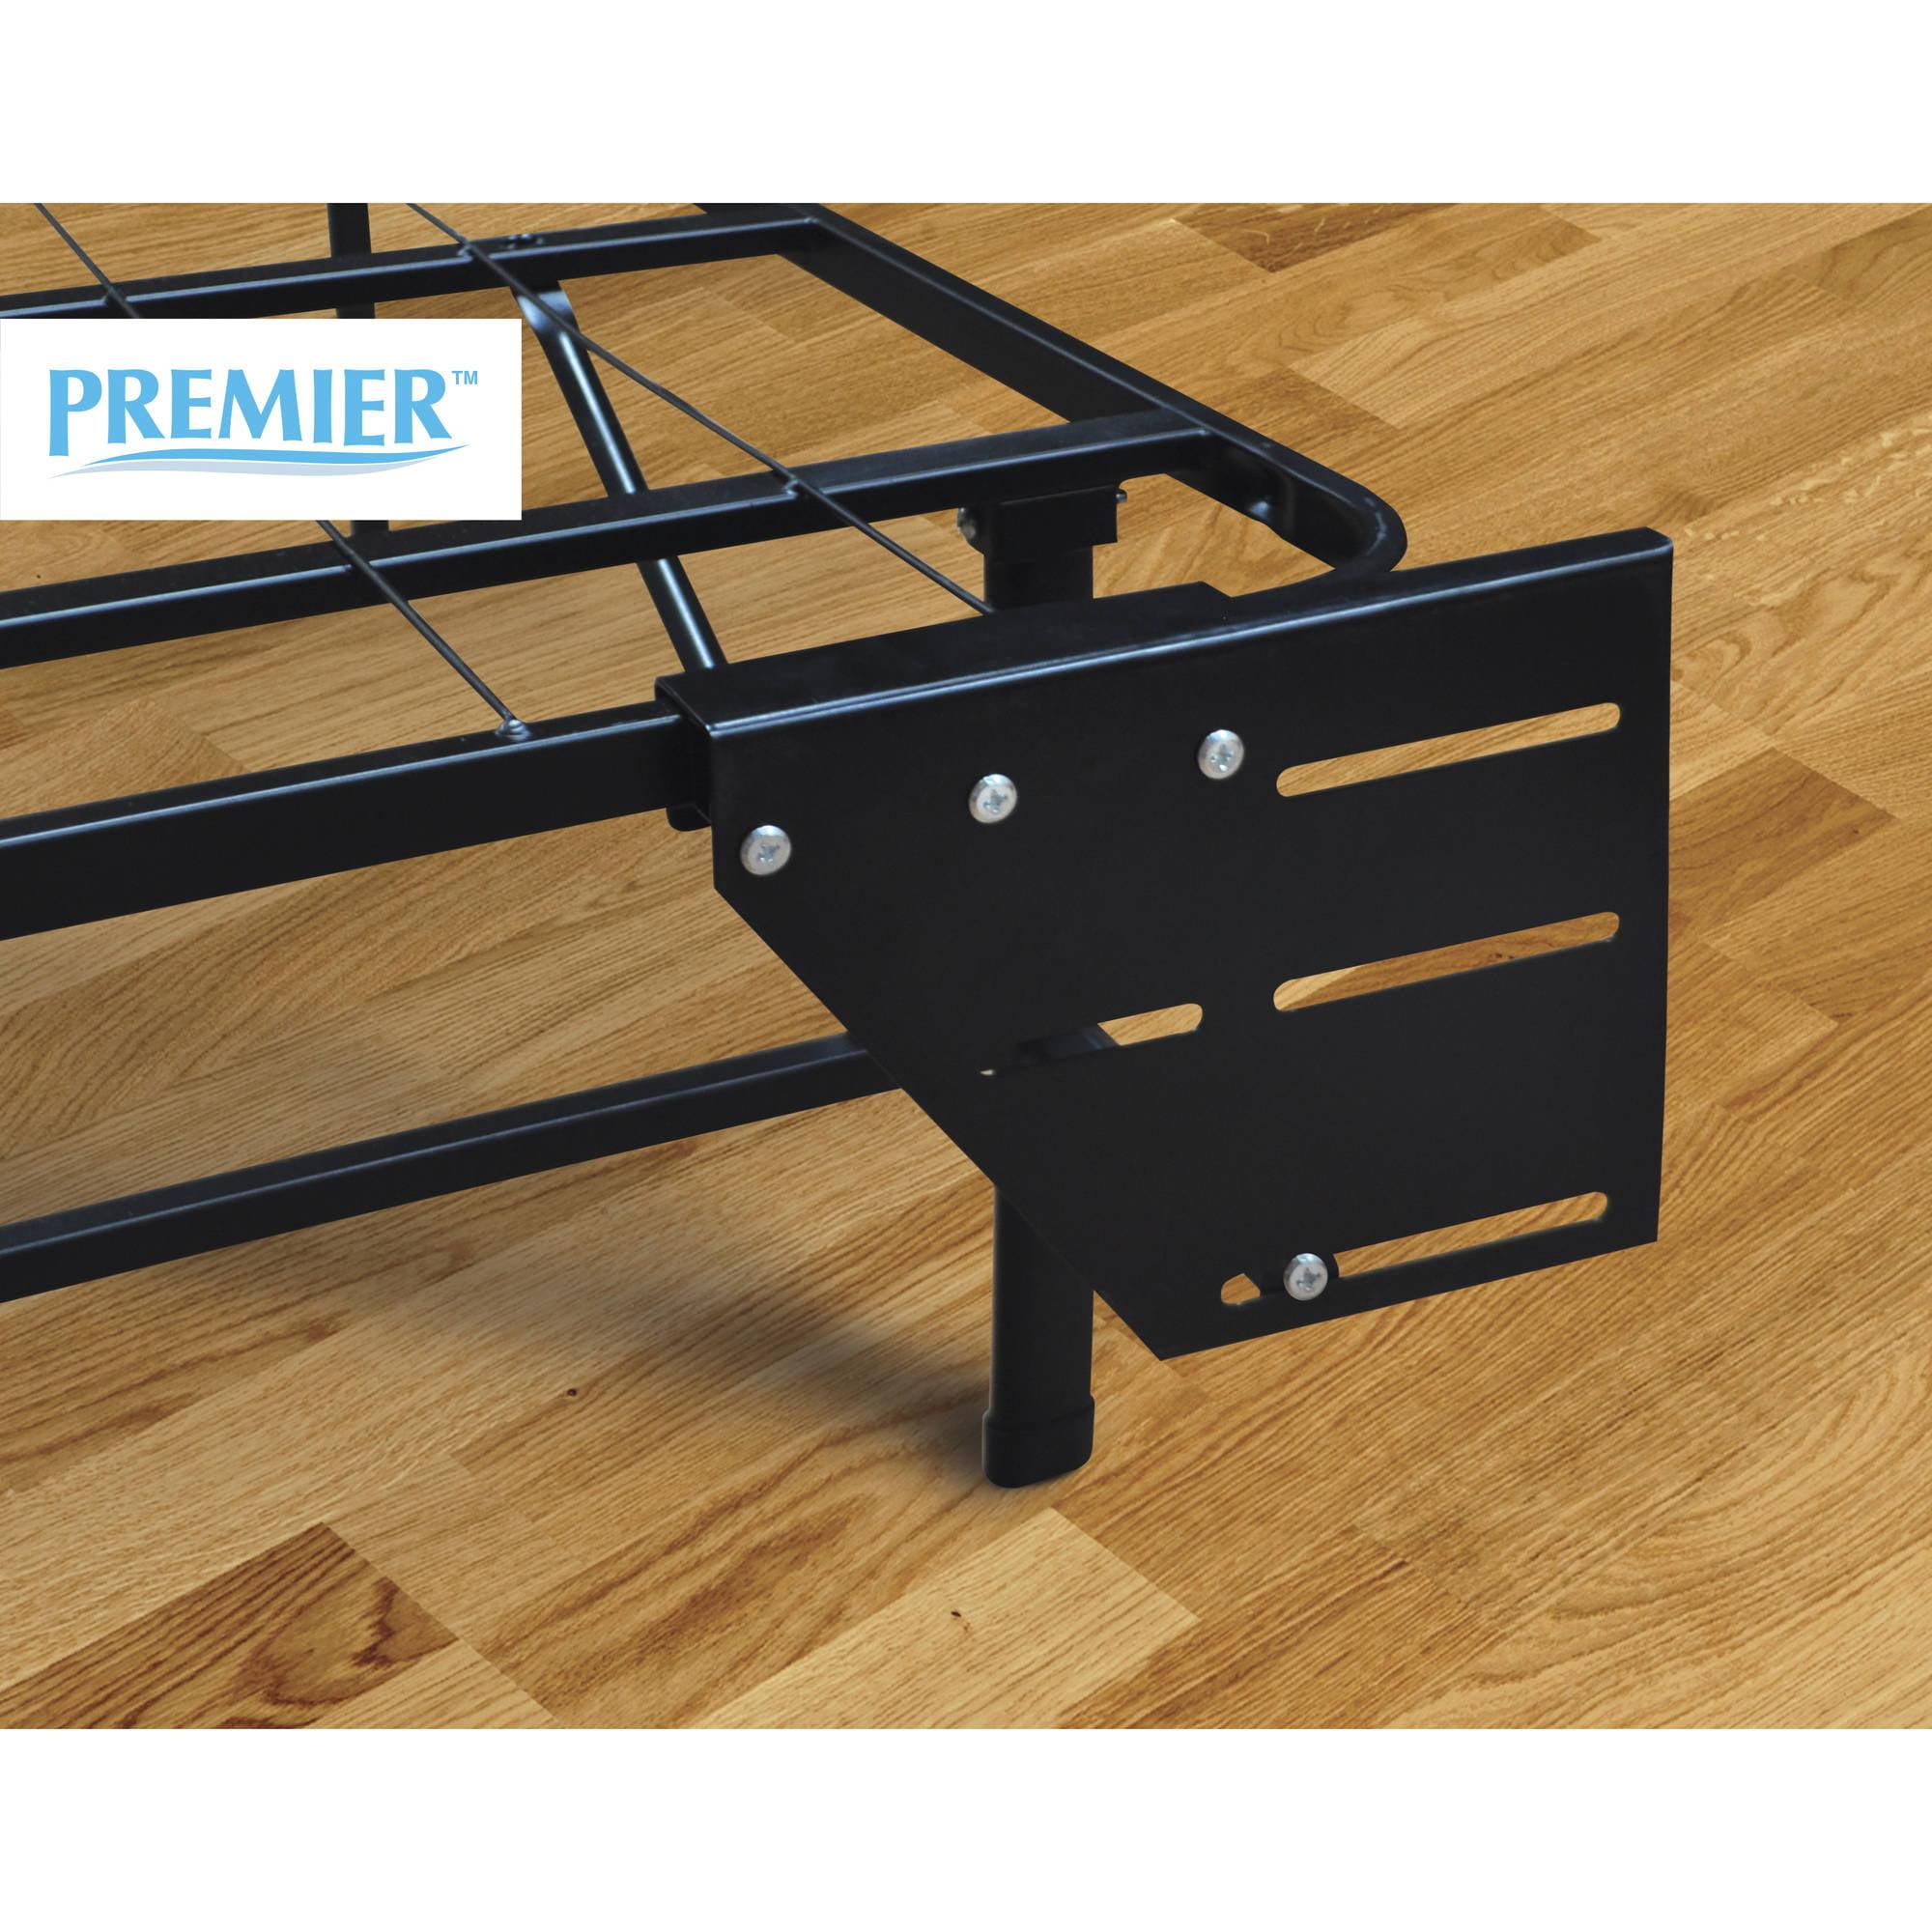 Premier Universal Headboard/Footboard Brackets, Black